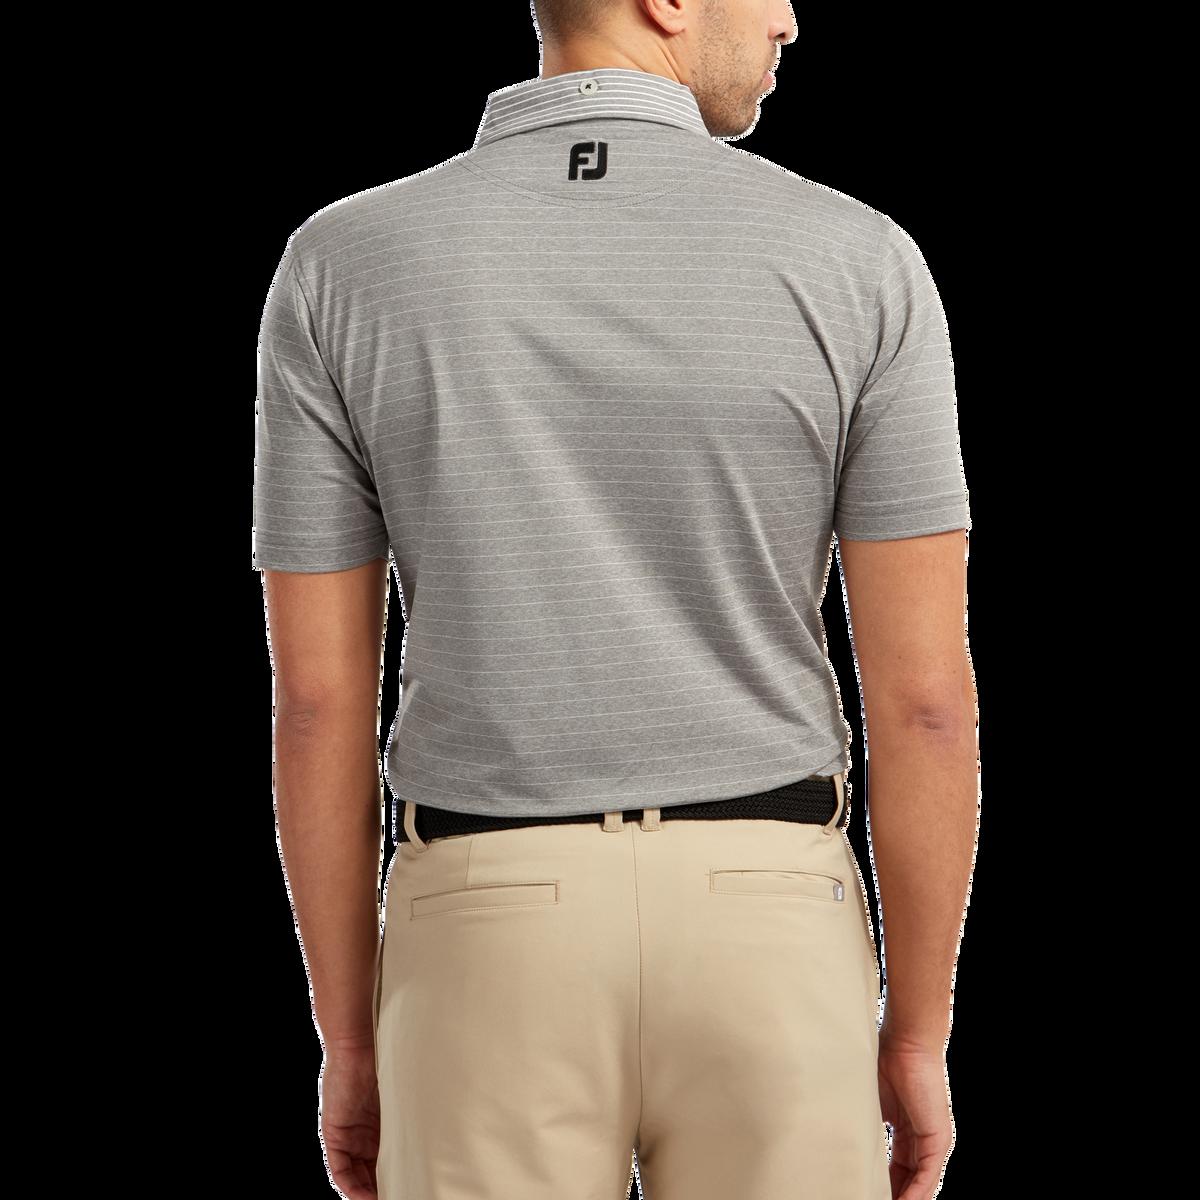 Jersey mit feinen Streifen